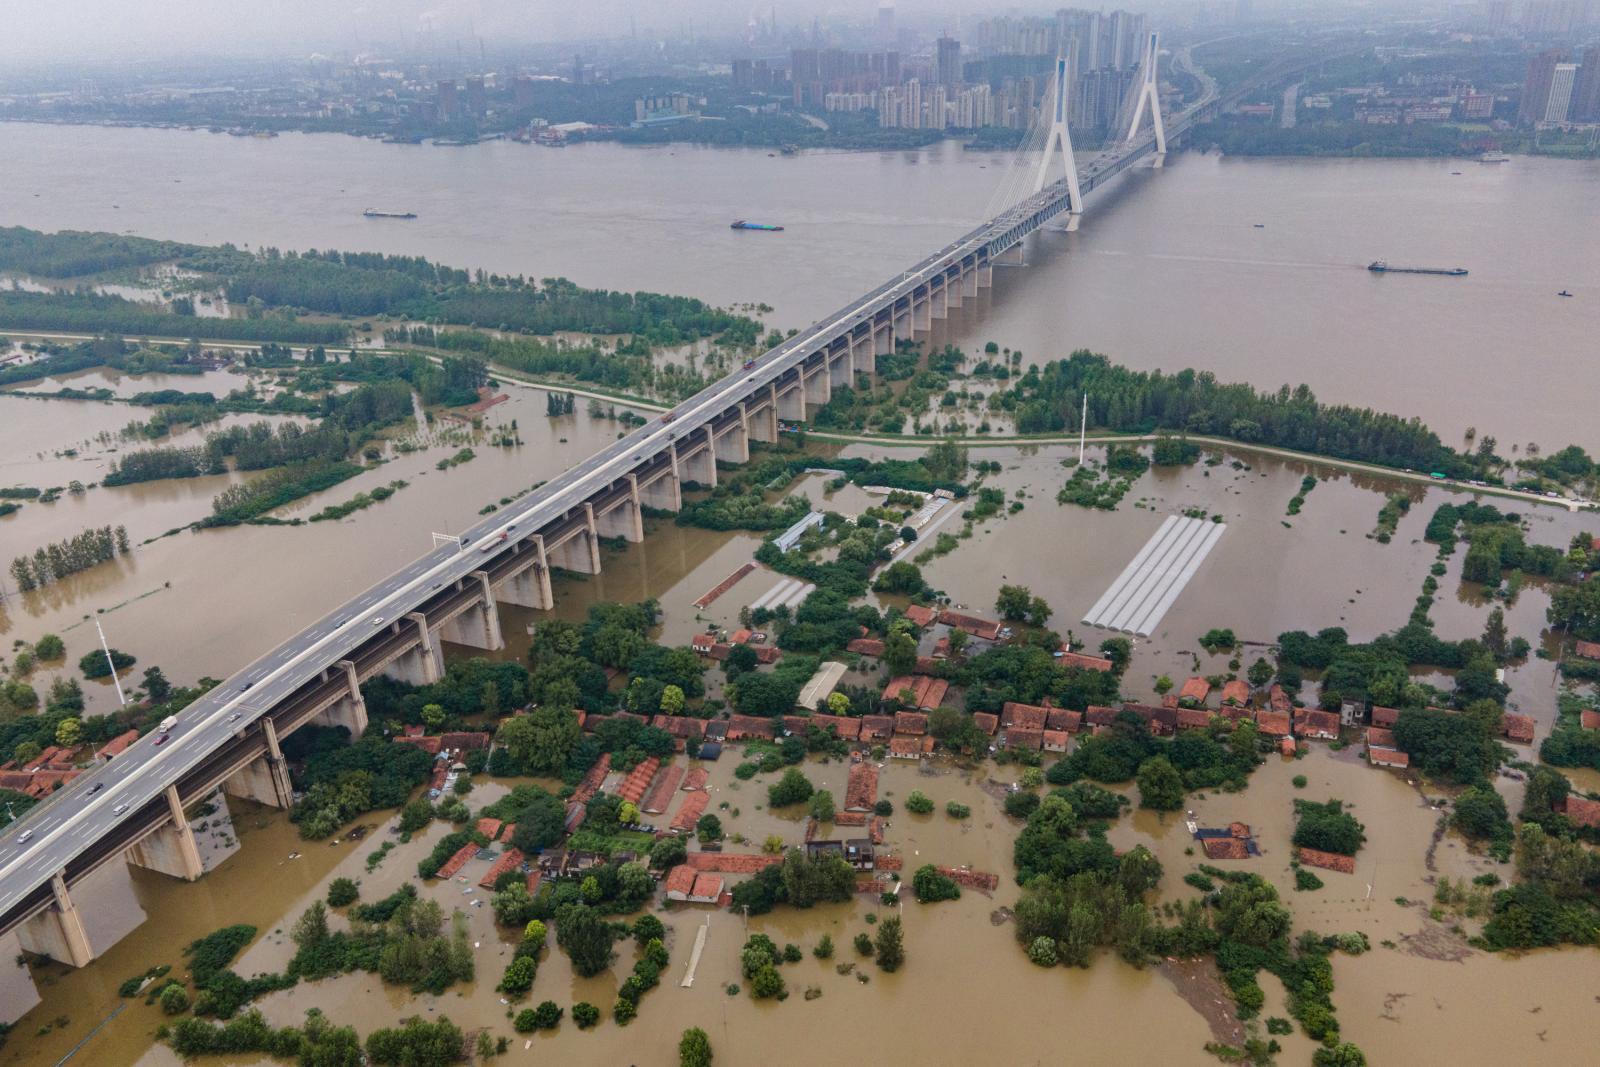 จีนวิกฤตอีก! โควิด-19 พ้นไป อุทกภัยมาเยือน กระทบประชาชนเกือบ 40 ล้านคน